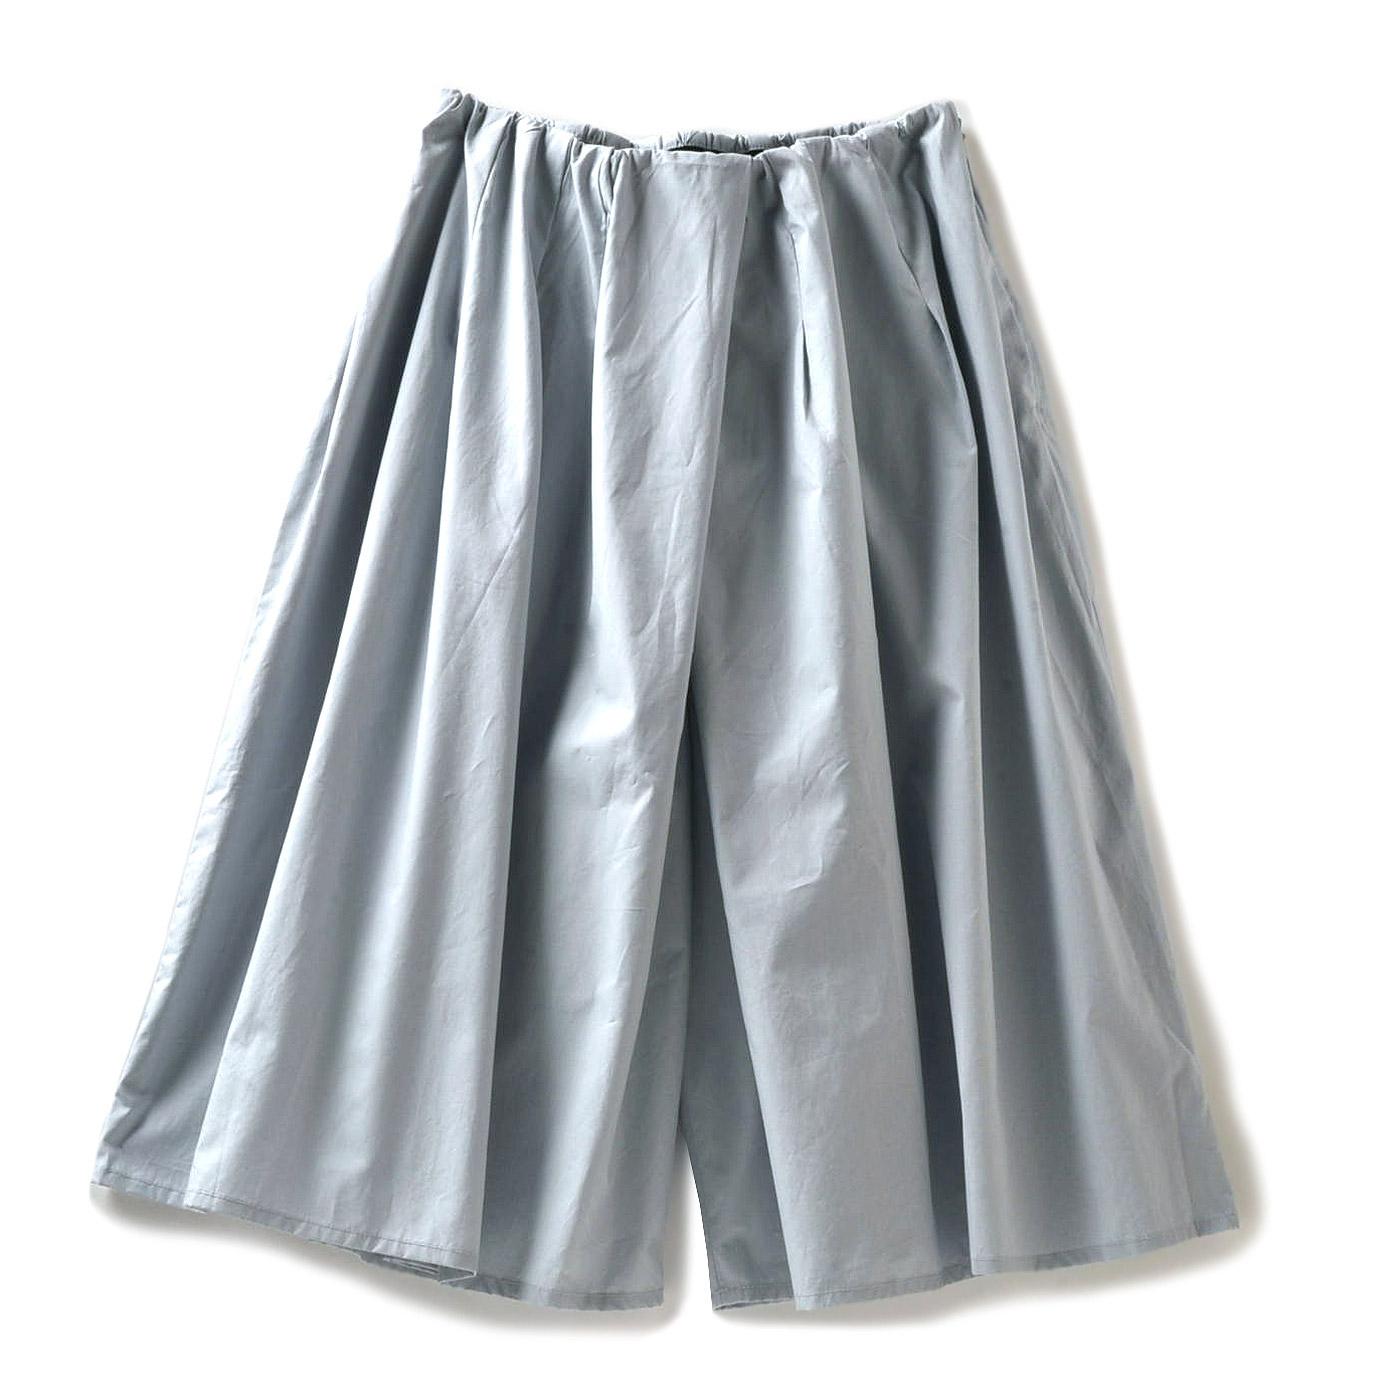 ミルブロウズ タック遣いでスカート見えするタイプライターキュロット〈アイスブルー〉